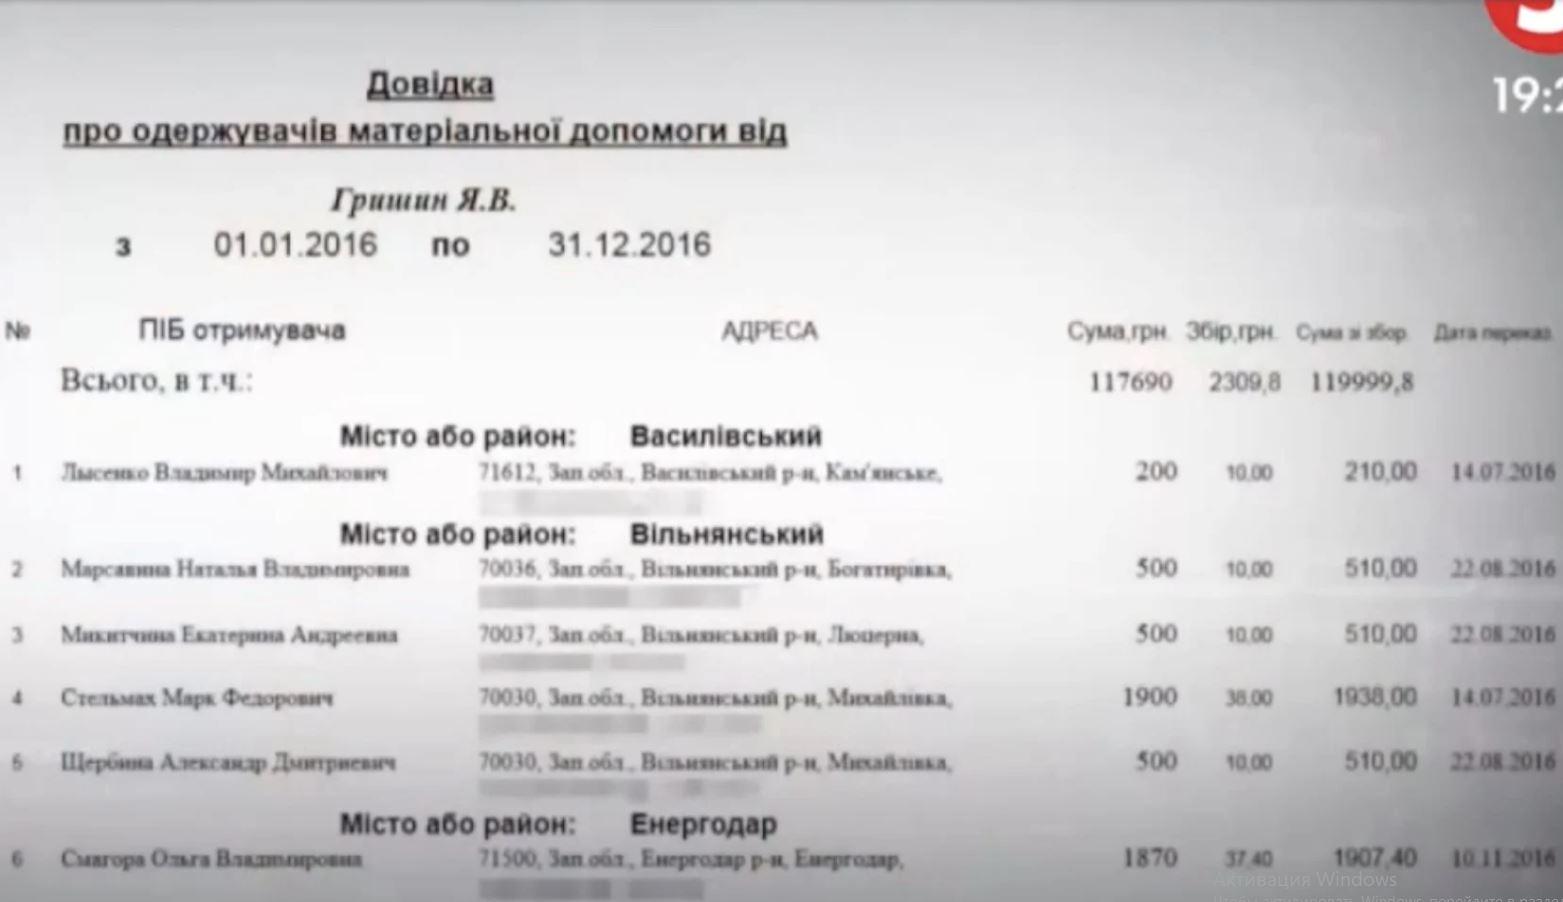 """Депутаты ПП """"Укроп"""" Гришин и Прасол задействованы в рейдерстве и схематозах, - расследование"""